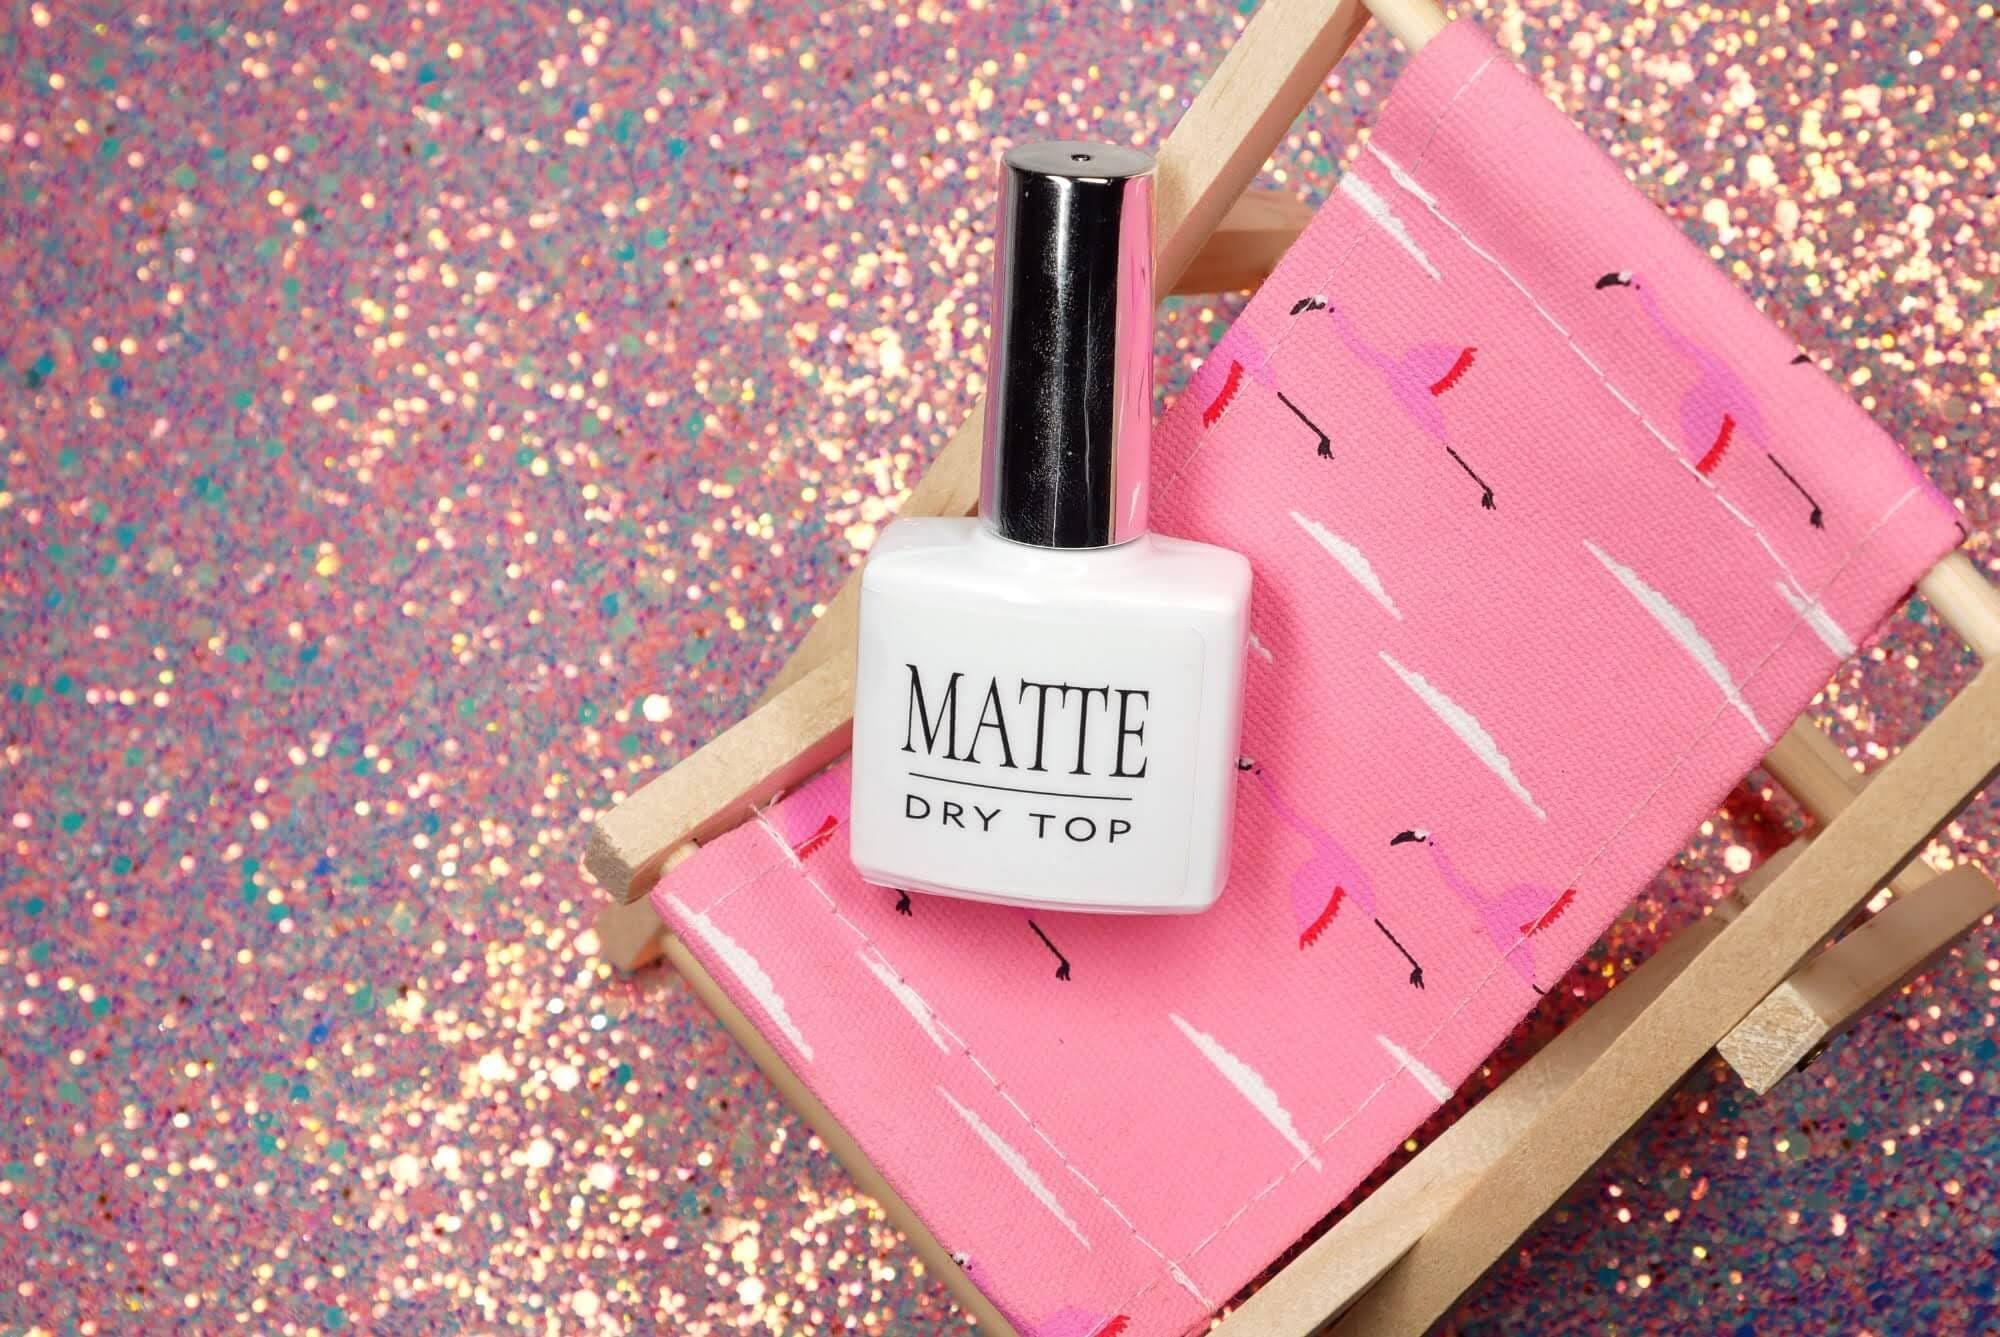 matte dry top folly nail